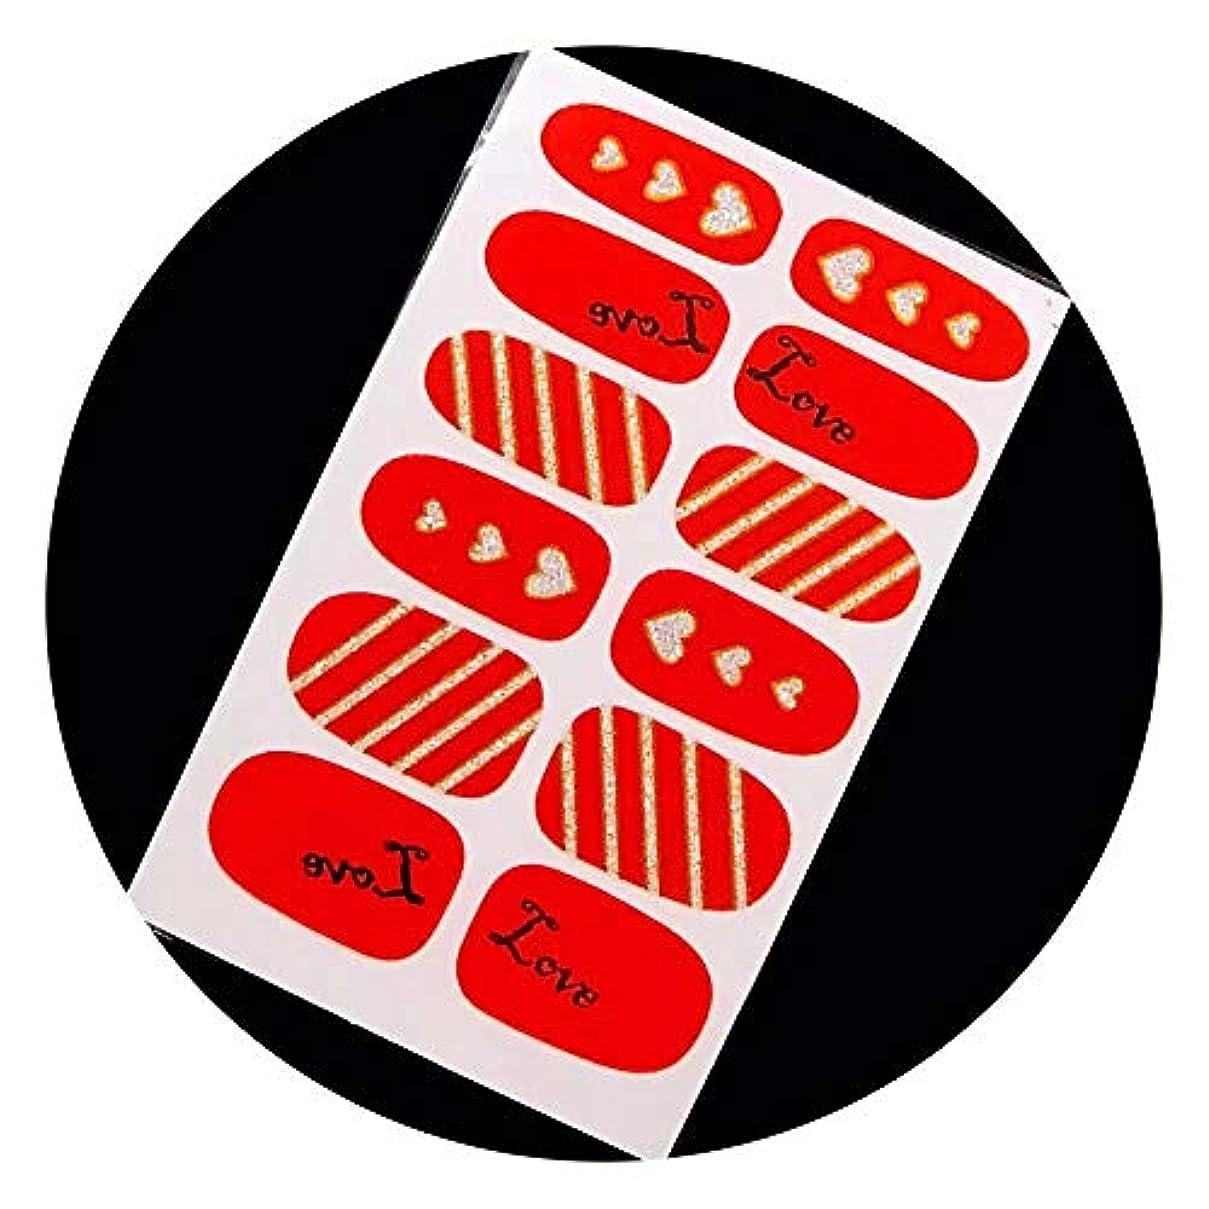 連鎖リンクワットネイルシール ネイルラップ ネイルアート 貼るだけ バリエーション豊富な貼るネイルシール 爪やすり付き 12ピース (ハート786)